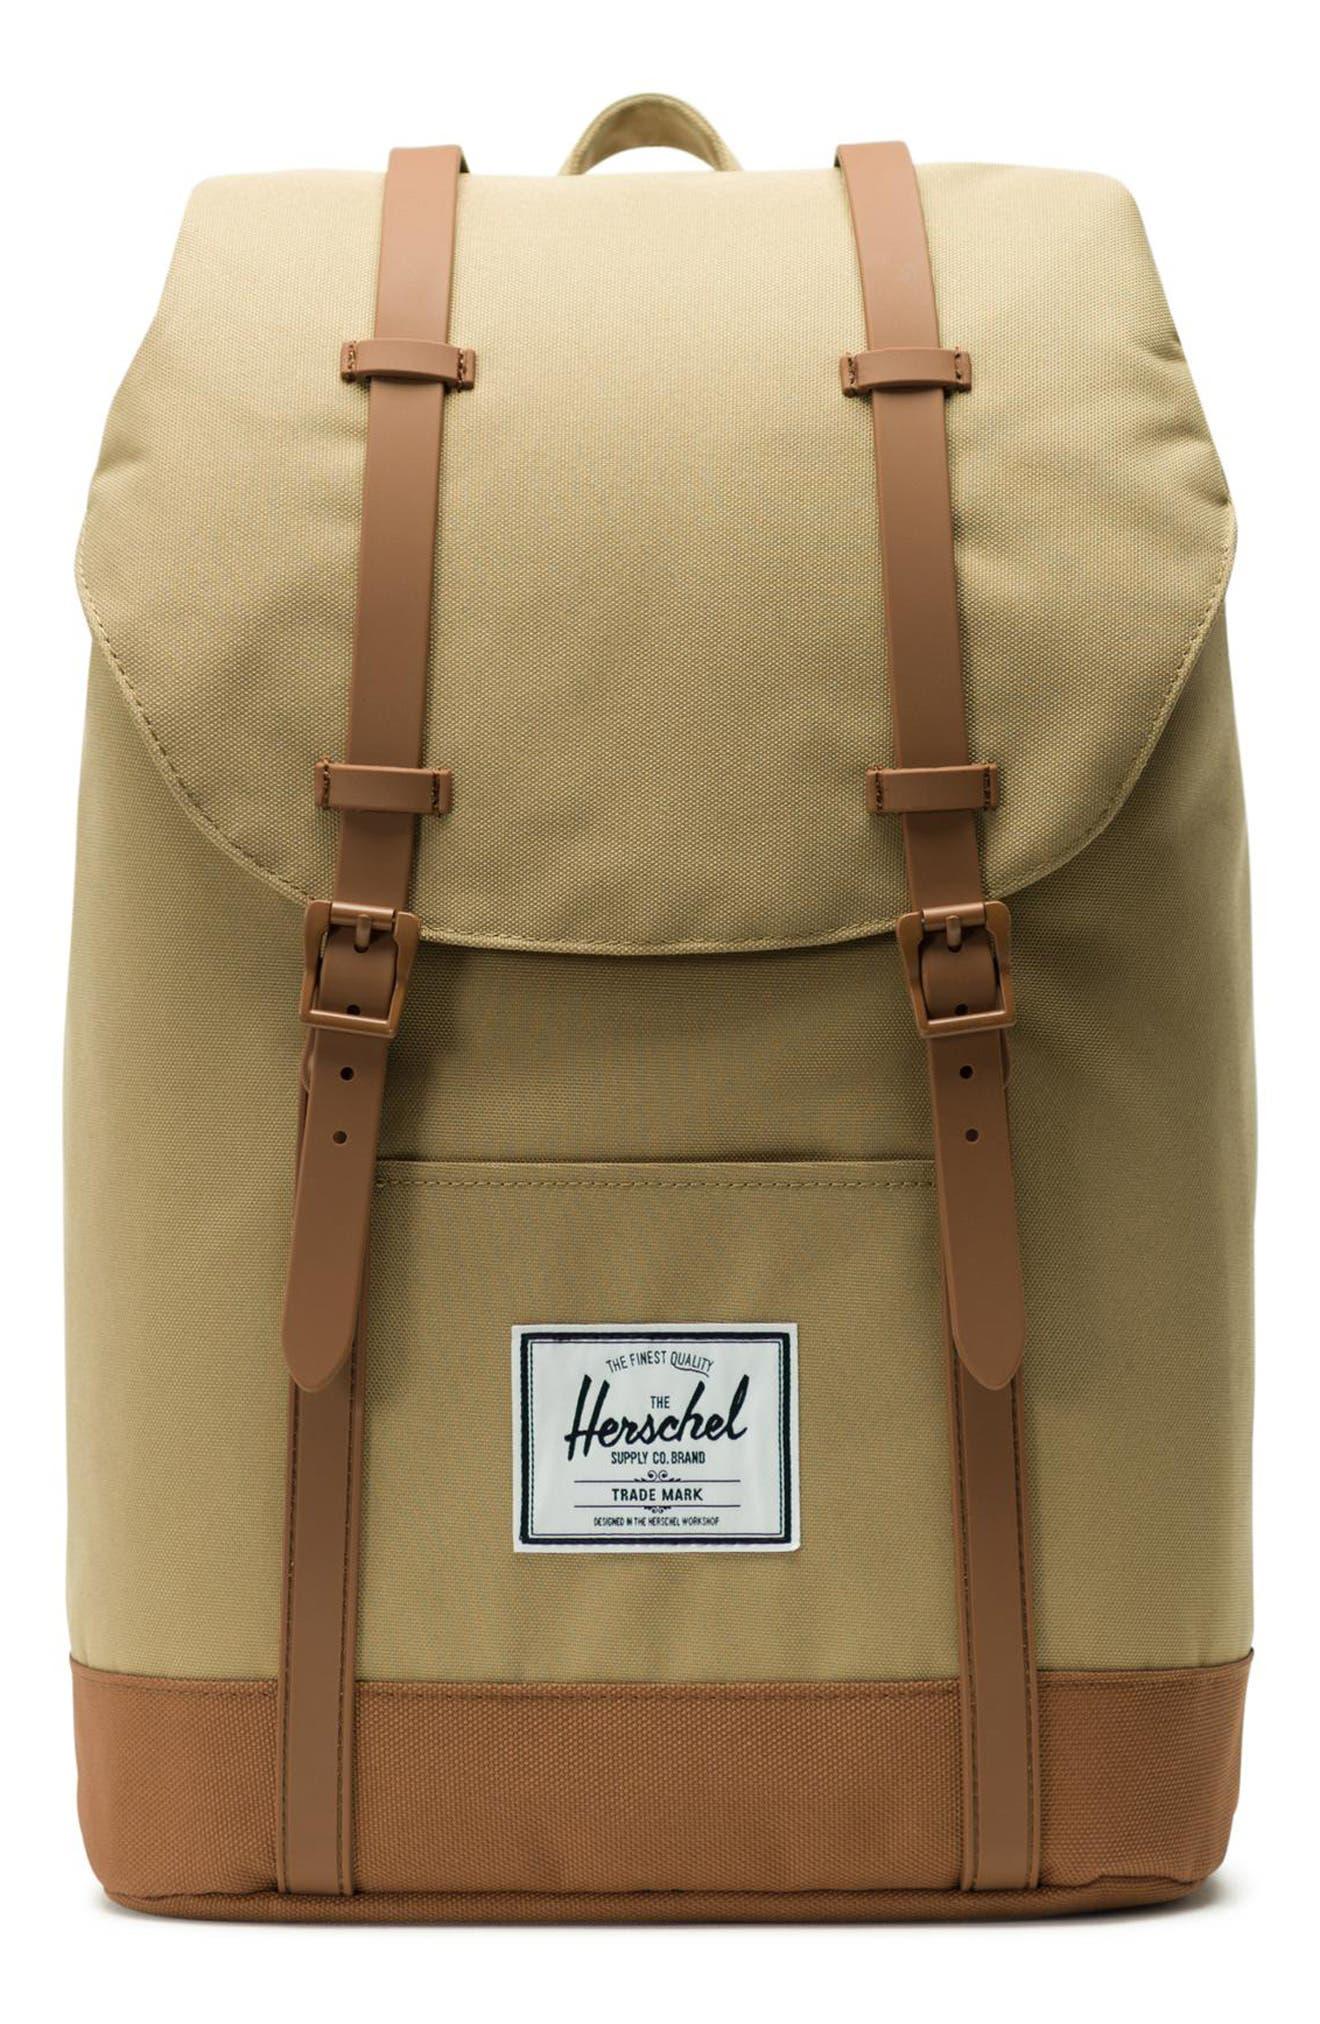 Herschel Supply Co. Retreat Backpack - Beige